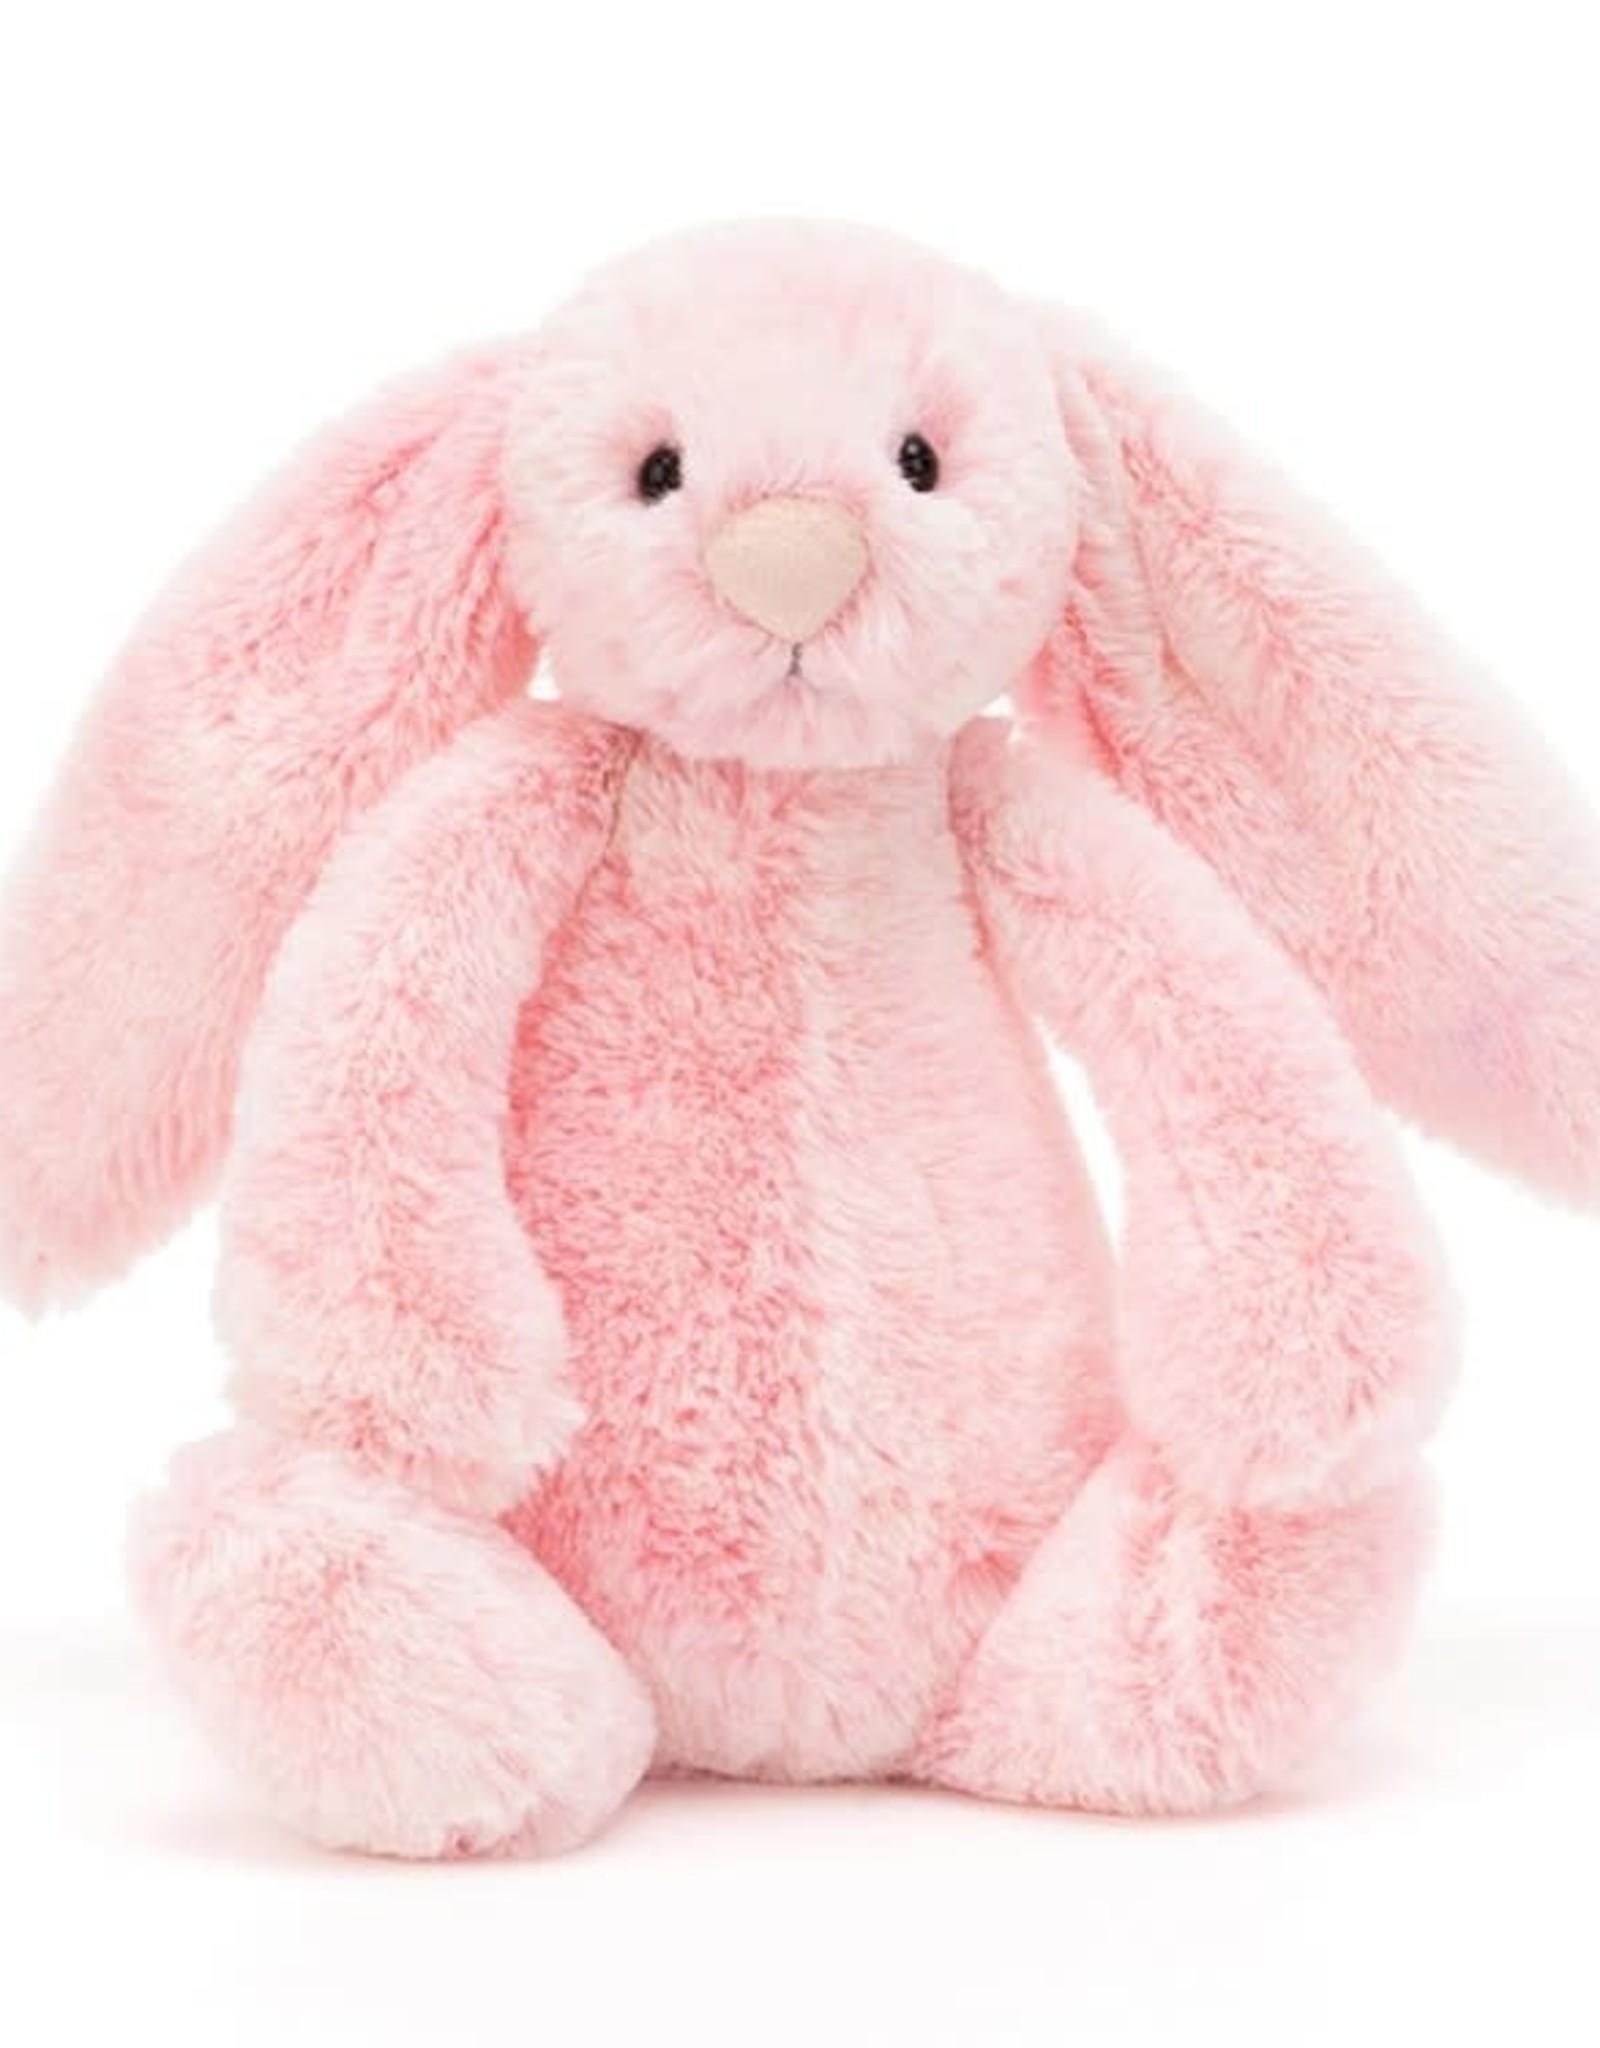 Jellycat Bashful Bunny Peony Small